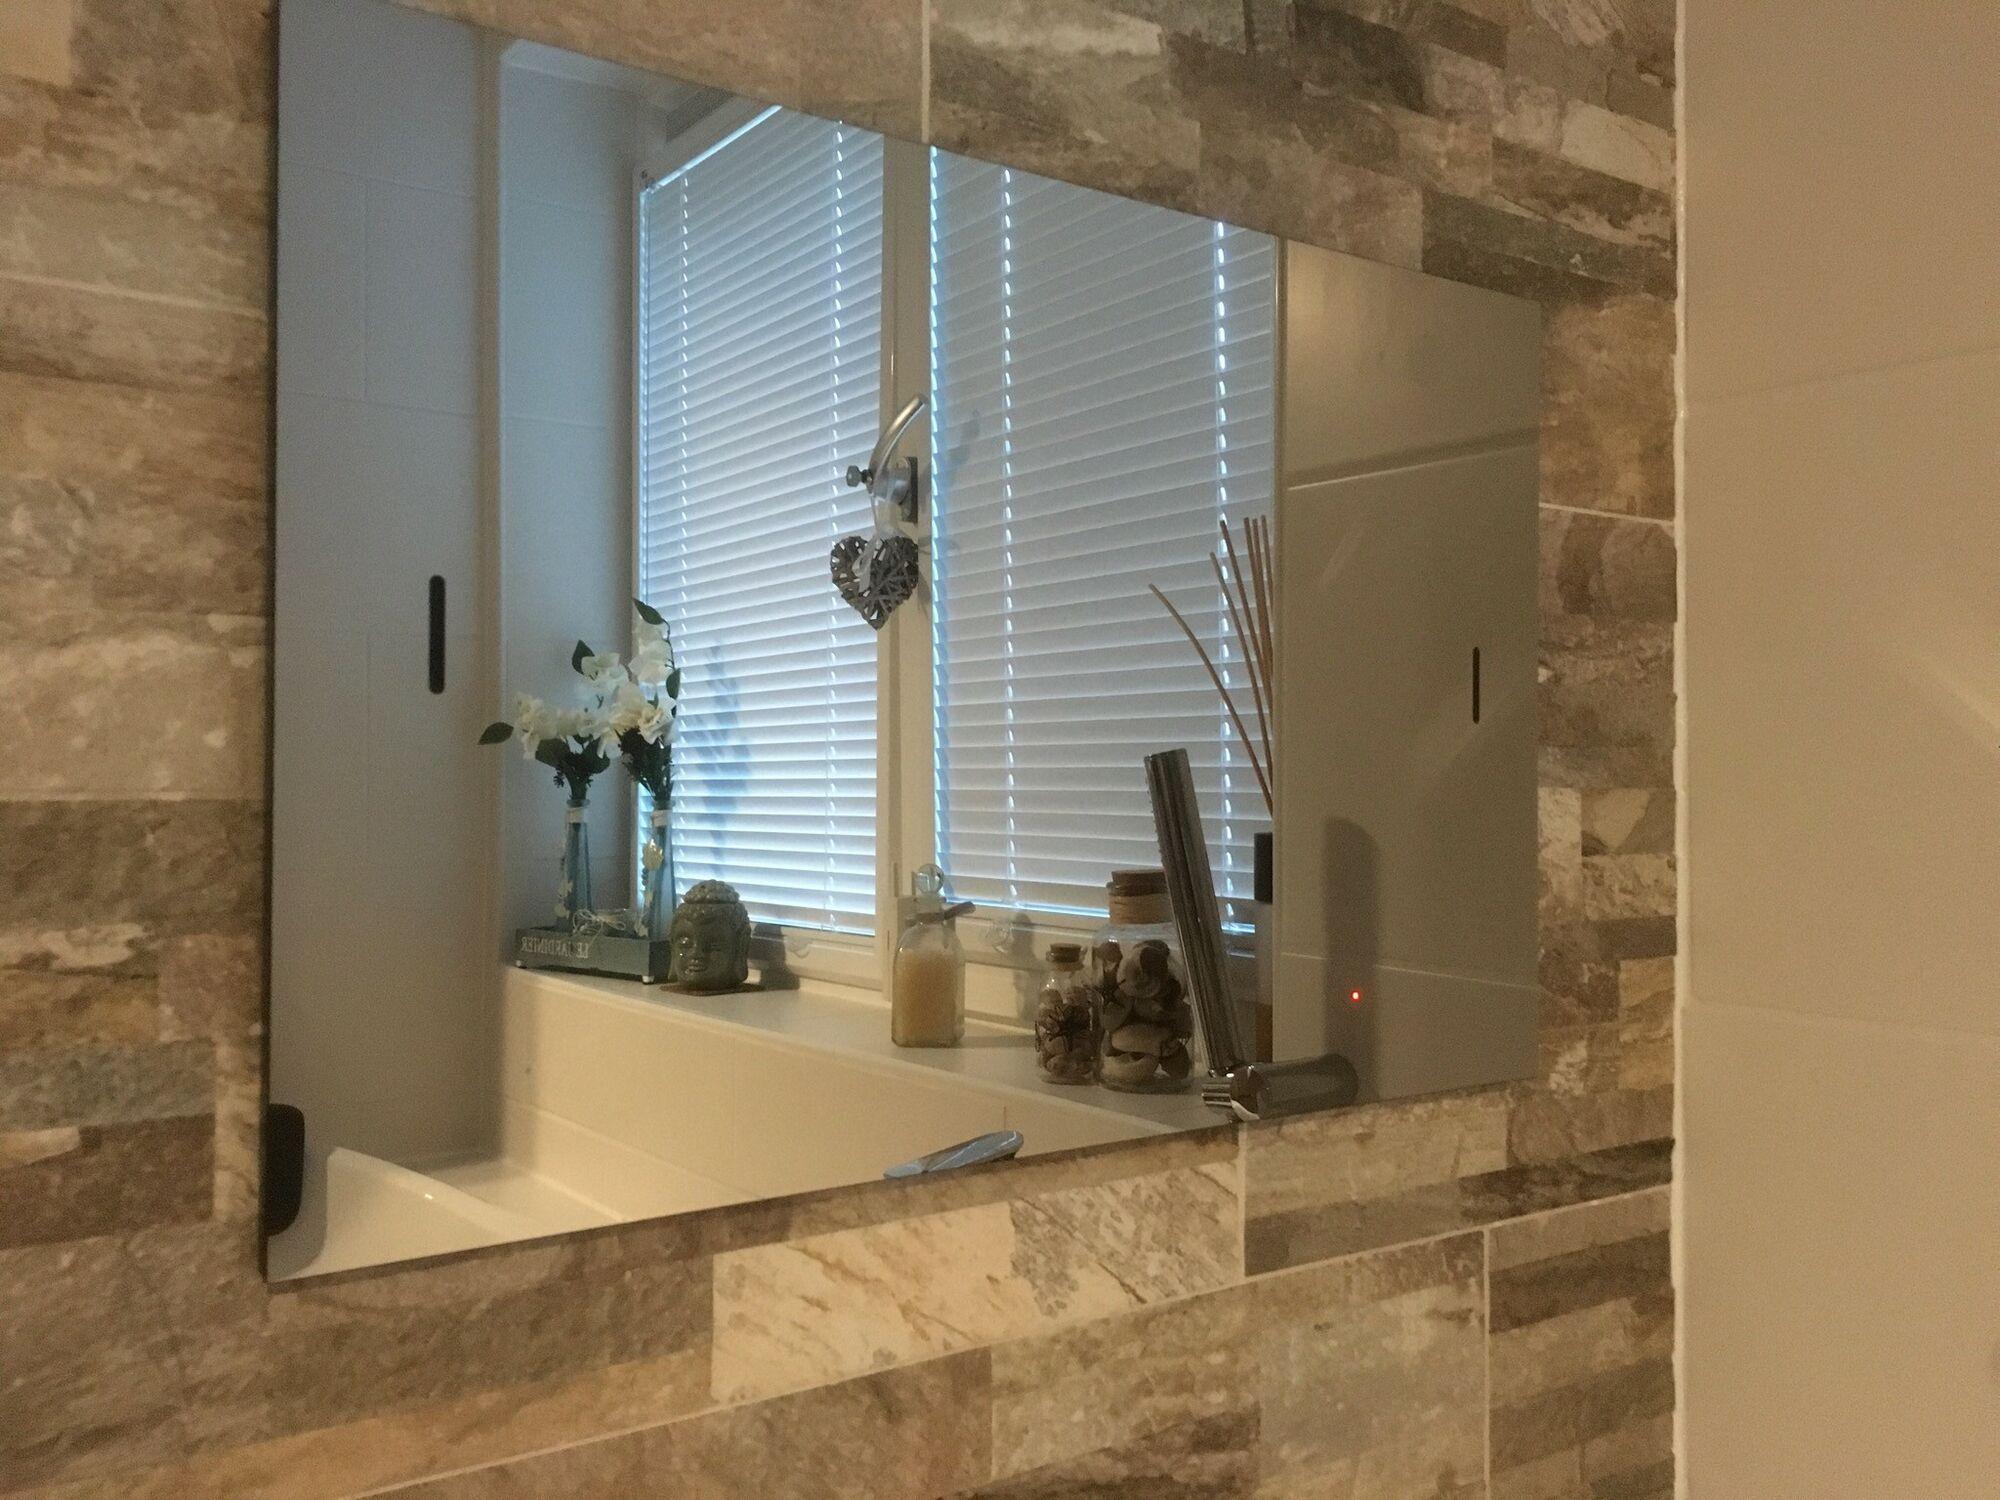 Wasserdichter spiegel led tv 17 zoll mit dvb c und dvb s2 tuner f r digital tv via ci modul - Vde 0100 badezimmer ...